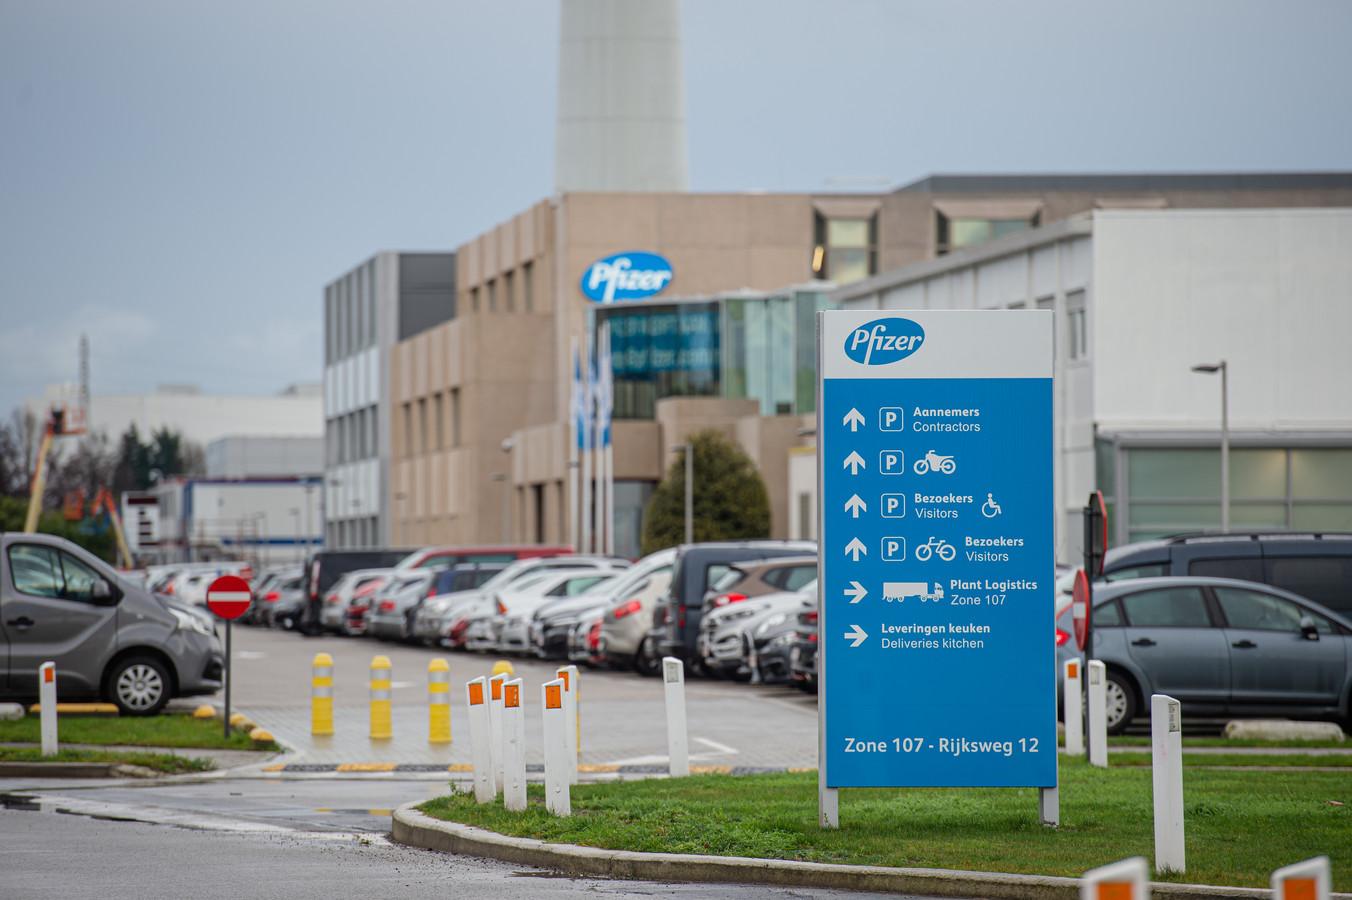 L'usine Pfizer située à Puurs-Sint-Amands, dans la région anversoise, produit chaque mois plus de 100 millions de doses du vaccin.